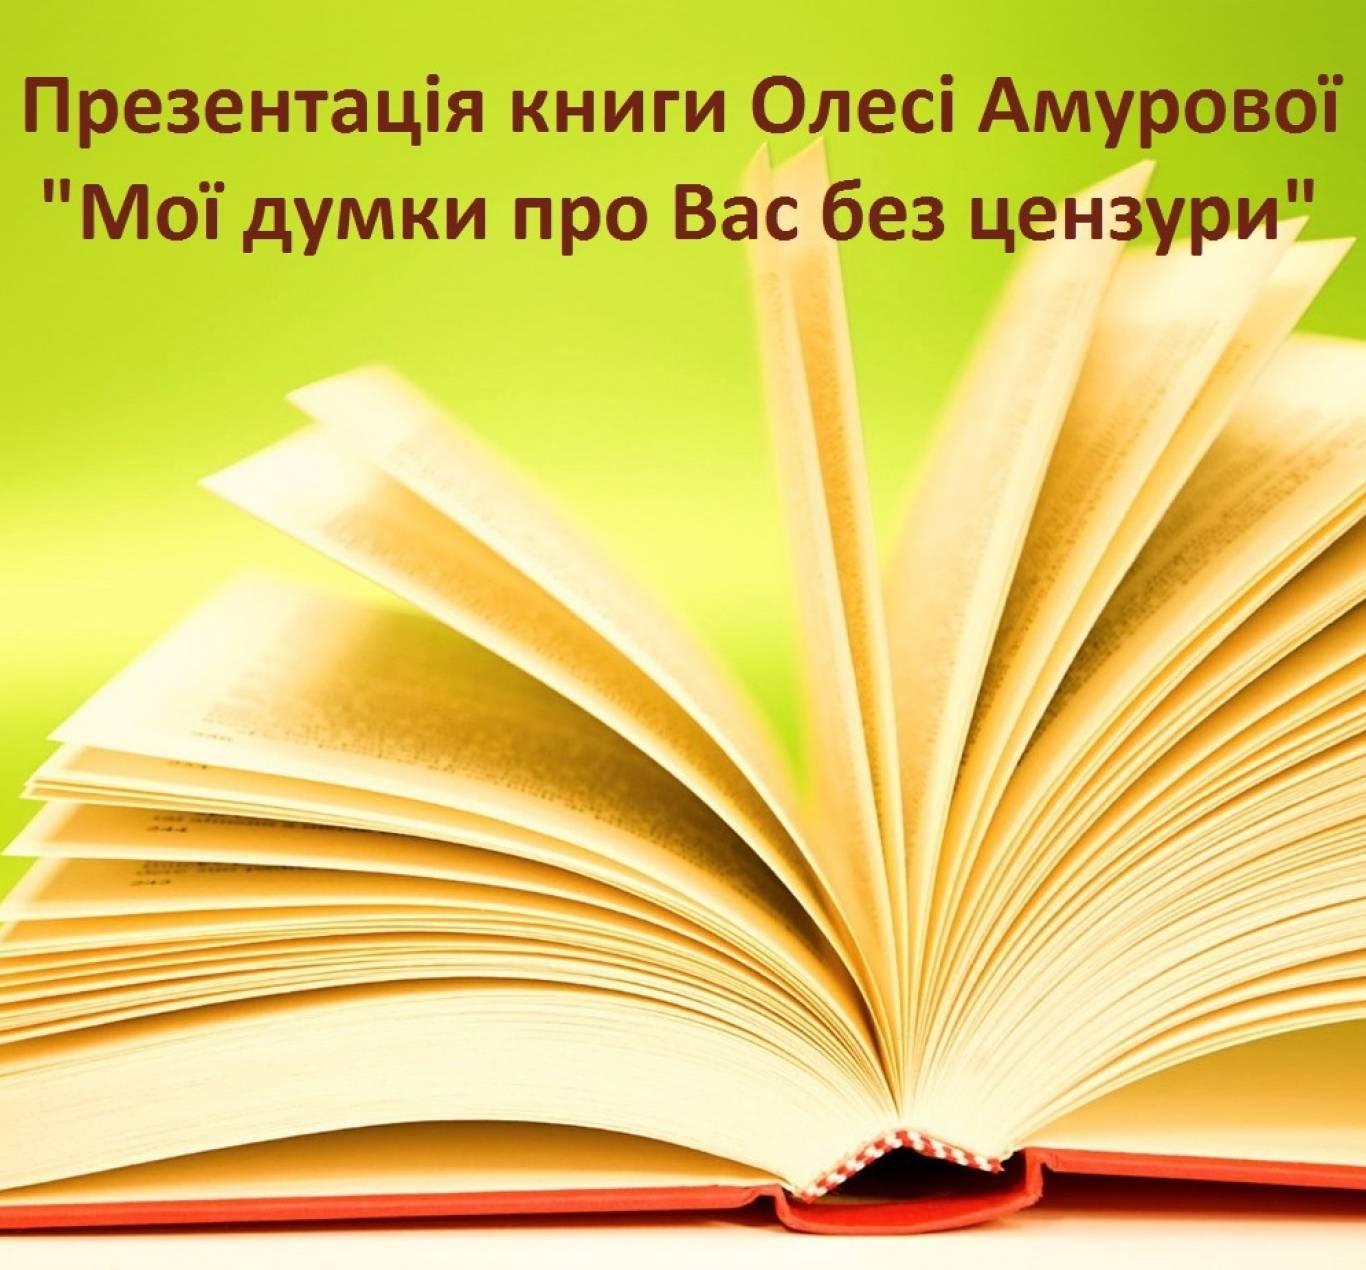 """Презентація книги Олесі Амурової """"Мої думки про Вас без цензури"""""""